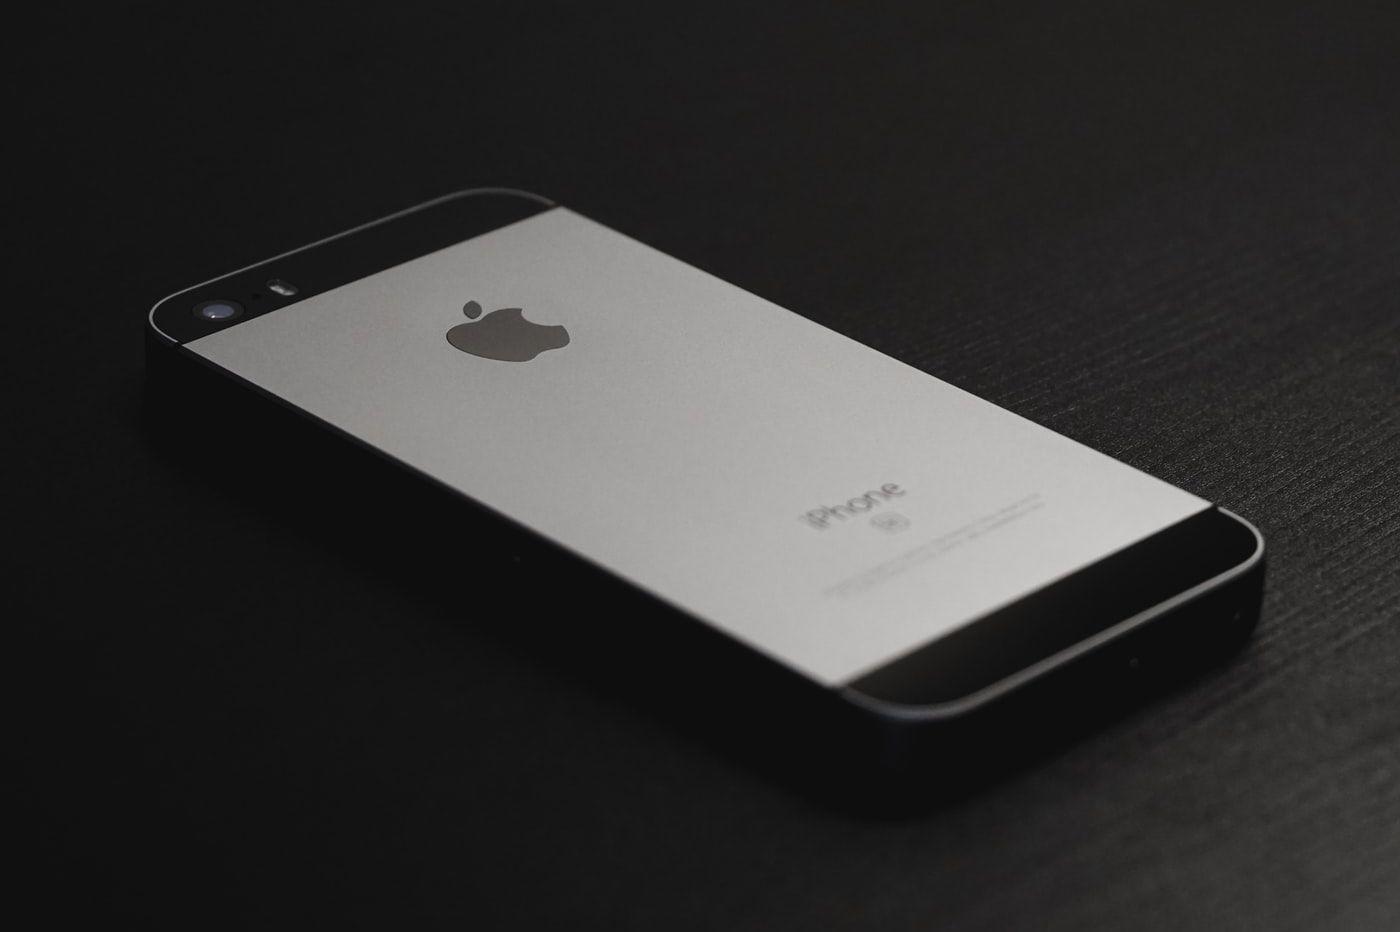 iPhone 5s noir et blanc